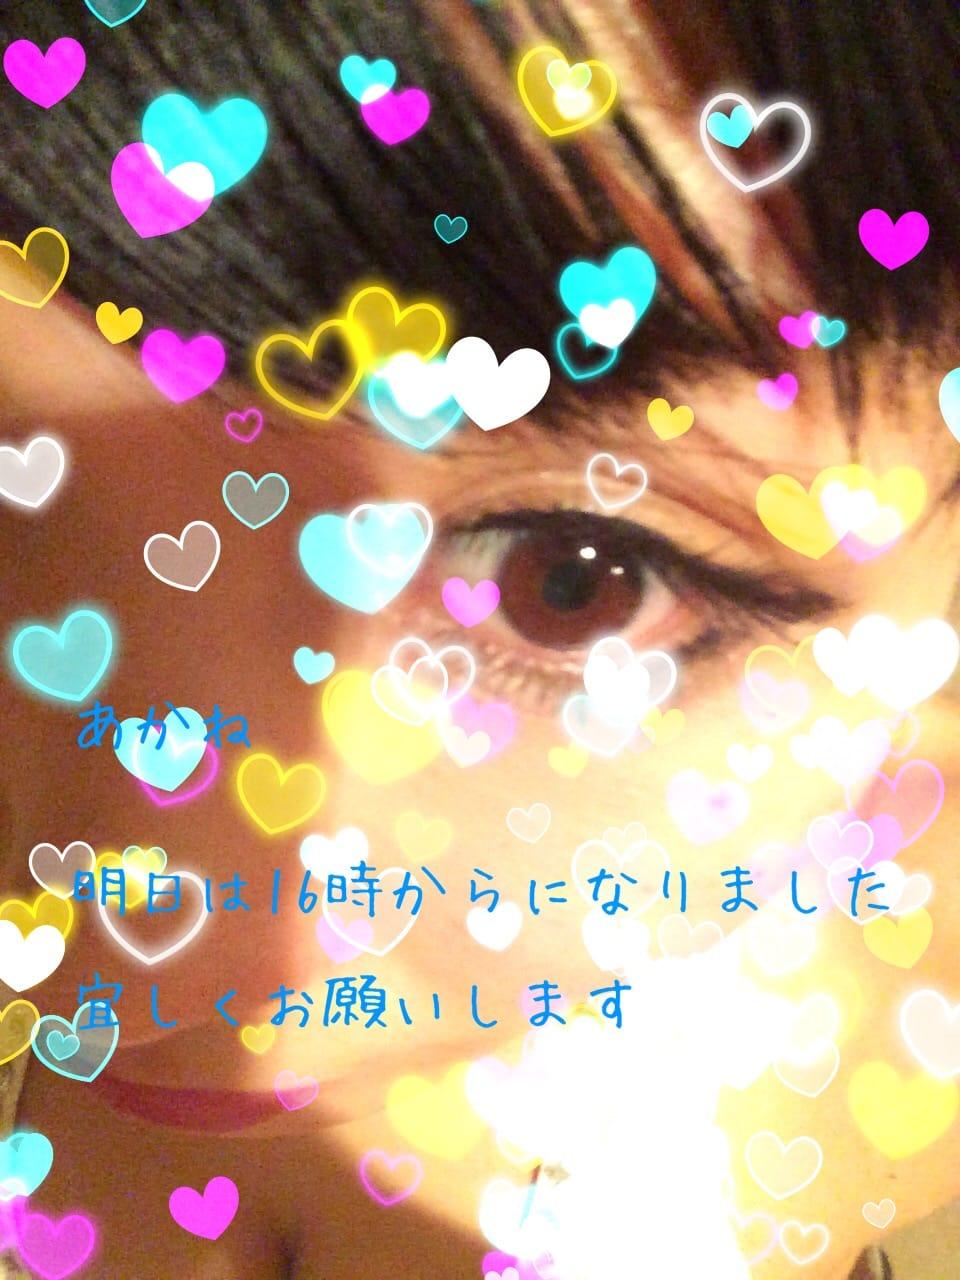 「あかね」10/17(火) 15:49   アカネの写メ・風俗動画